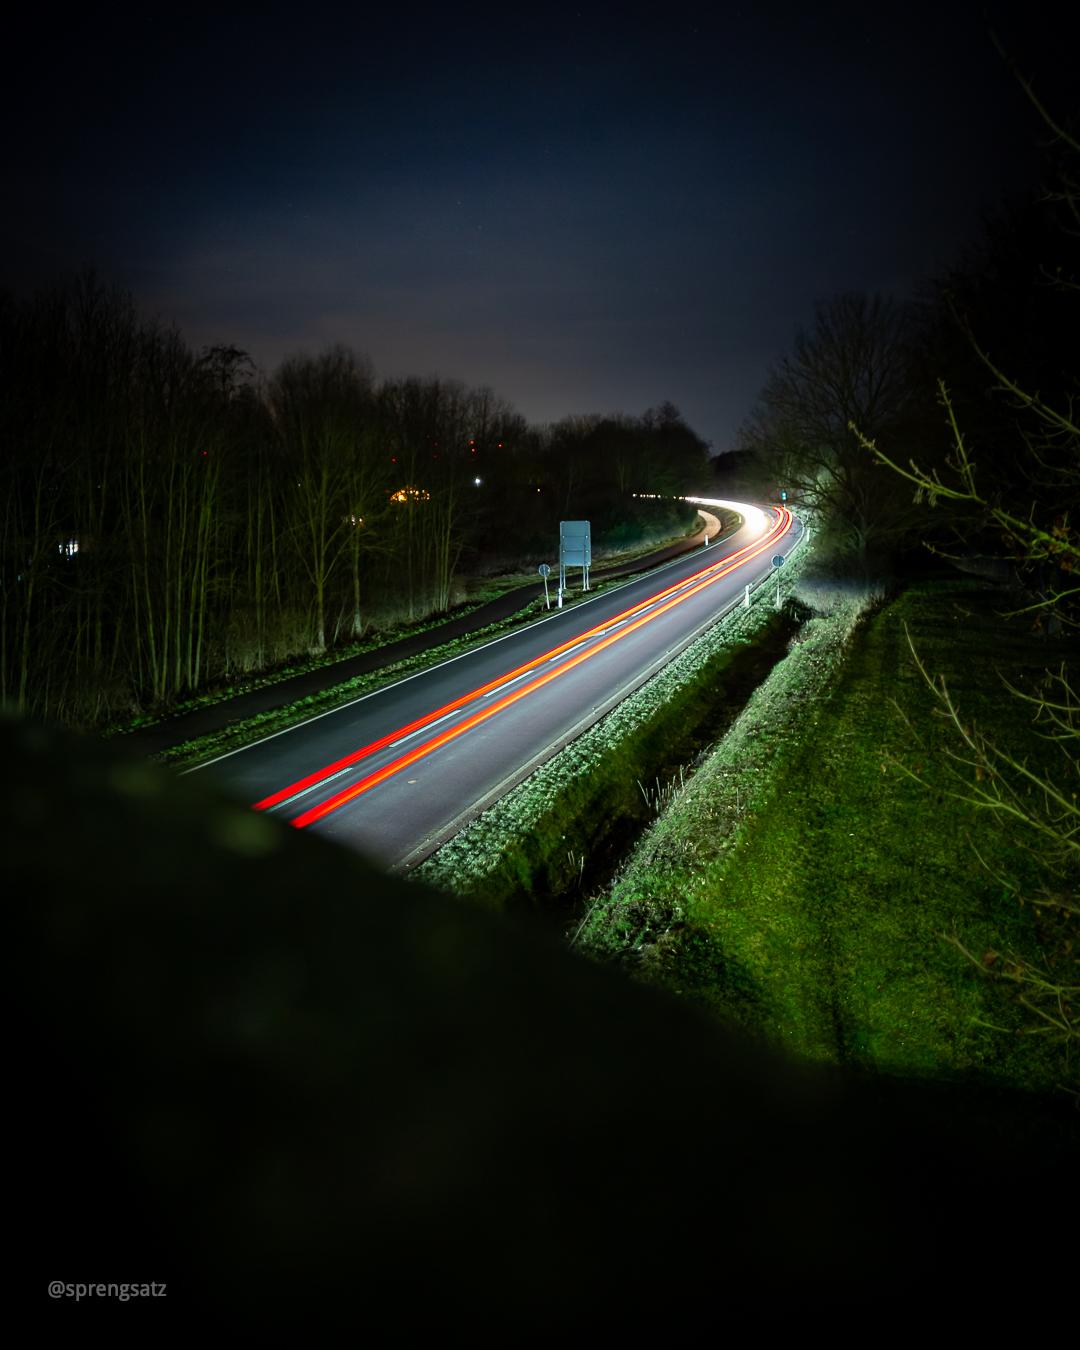 Landstraße bei Nacht mit Lichtspuren von Autolichtern